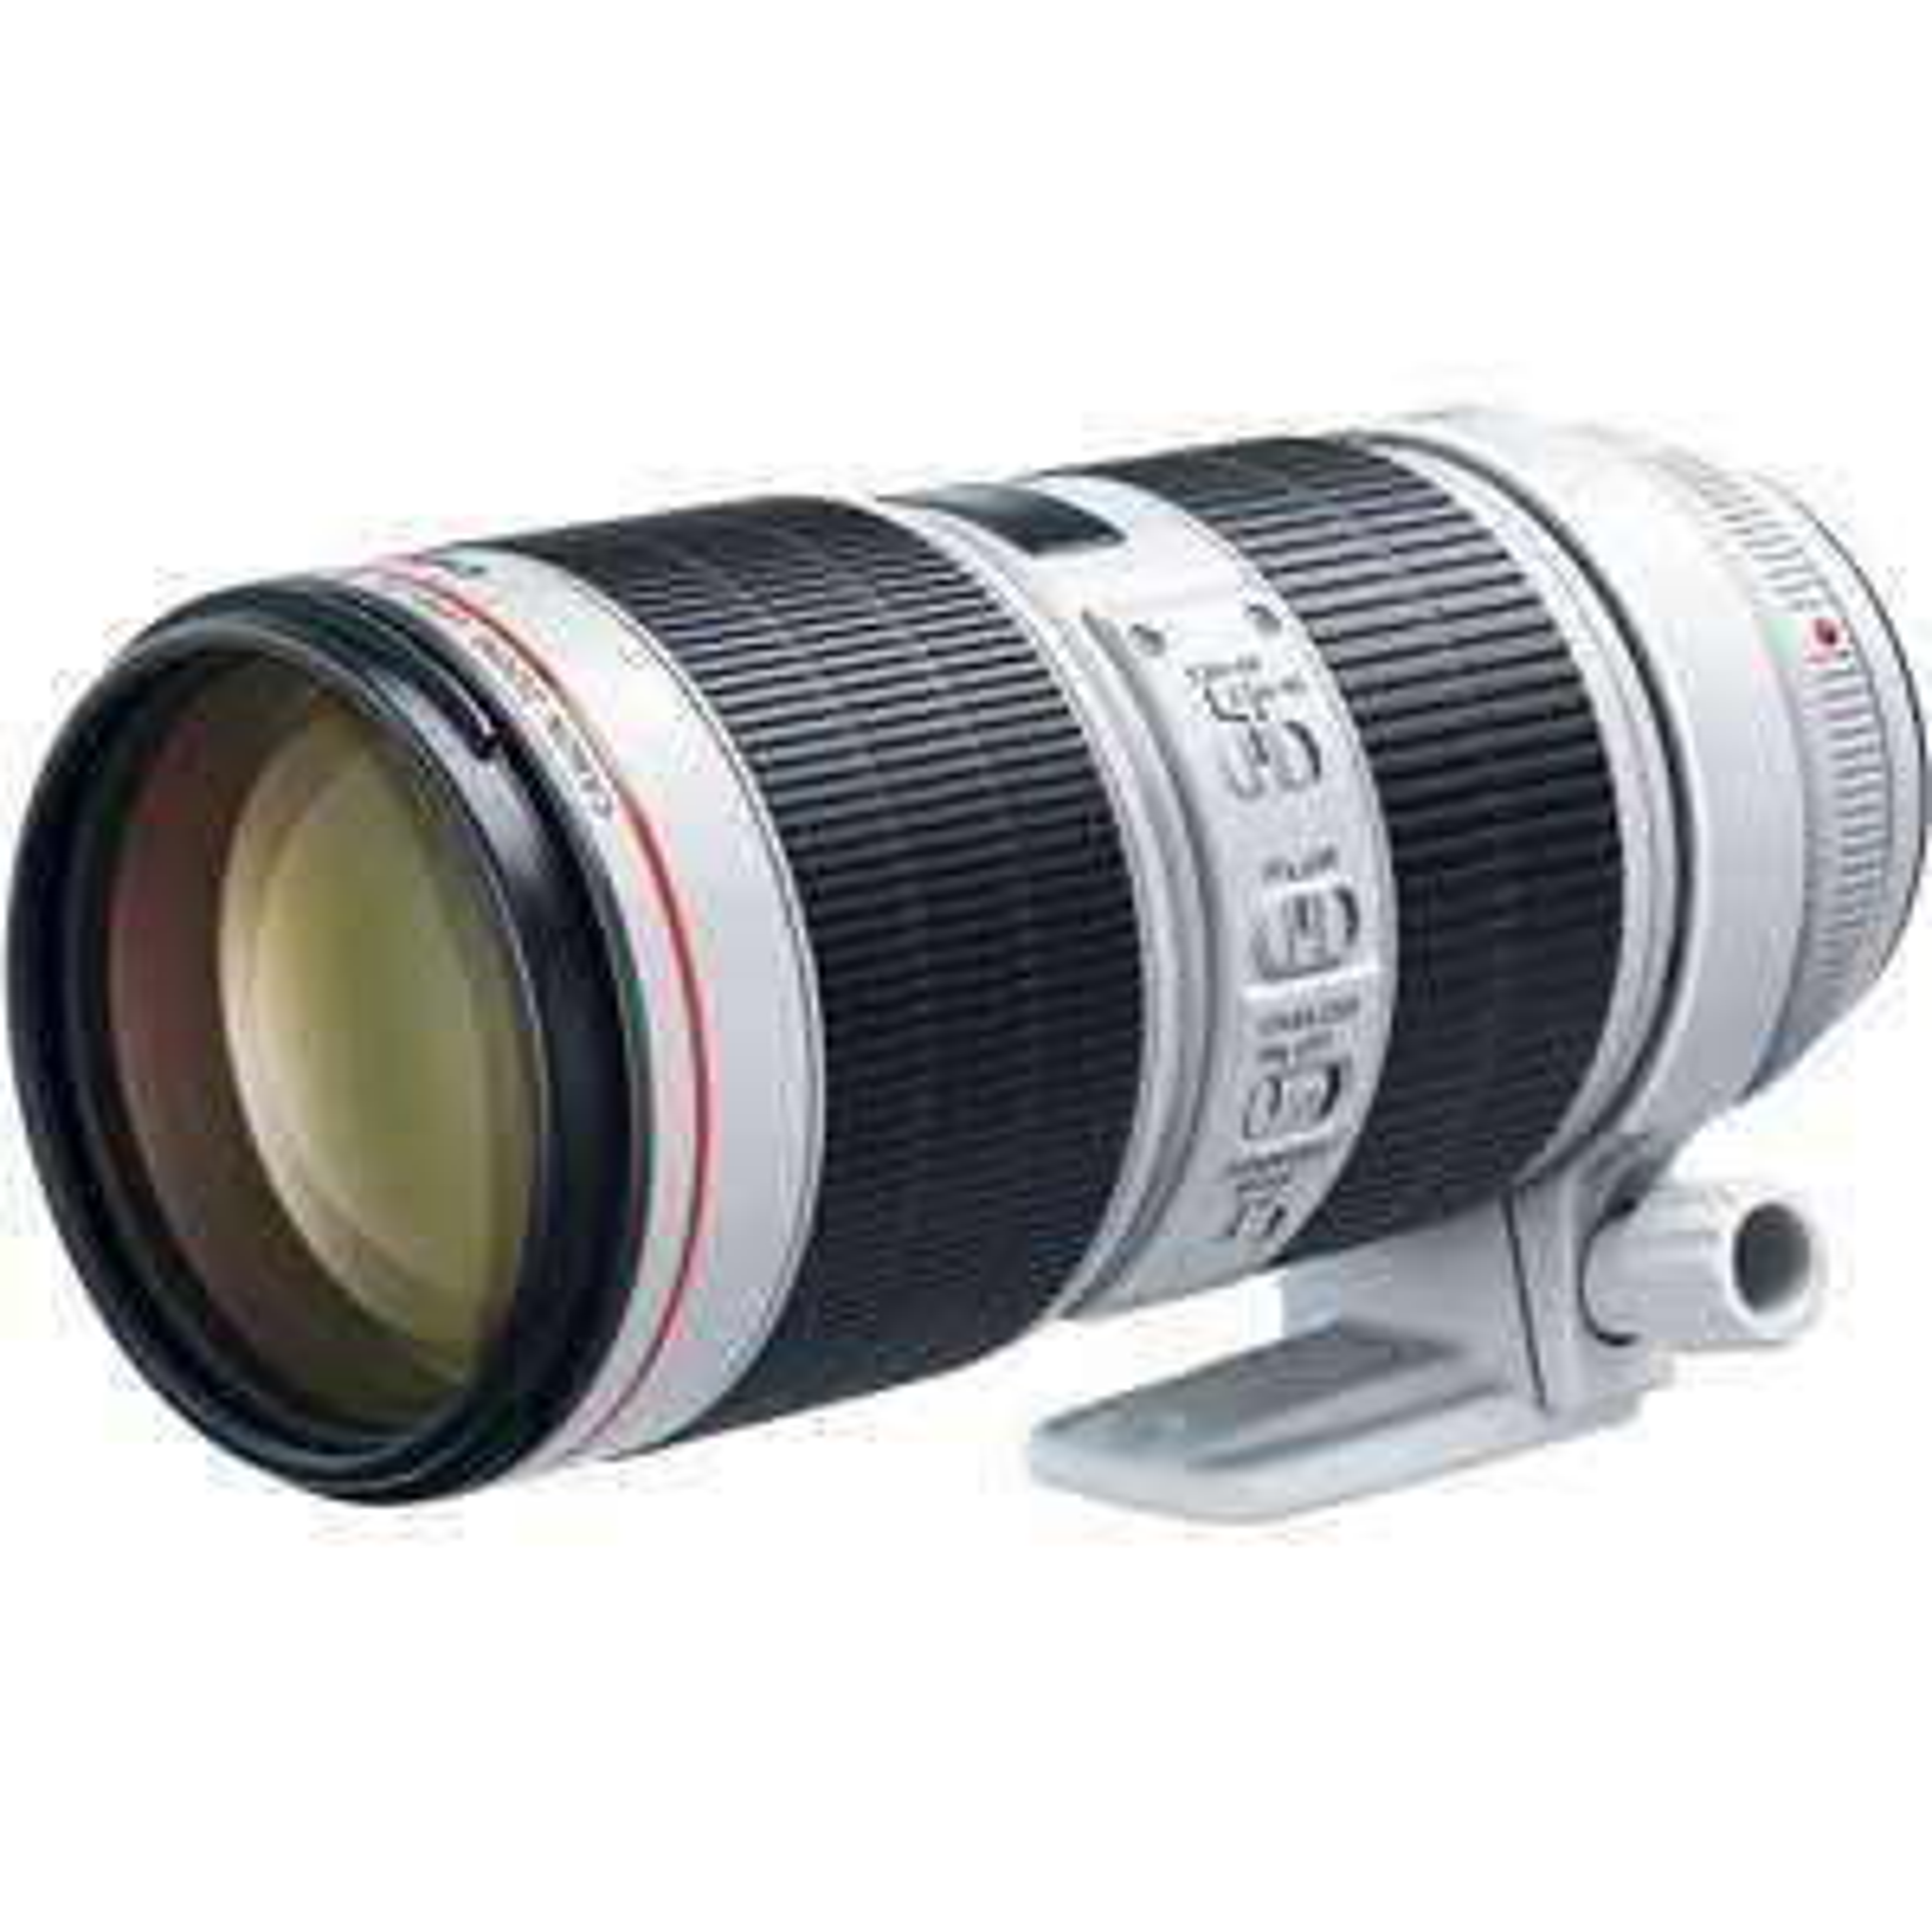 Canon 70-200 2.8 USM IS II